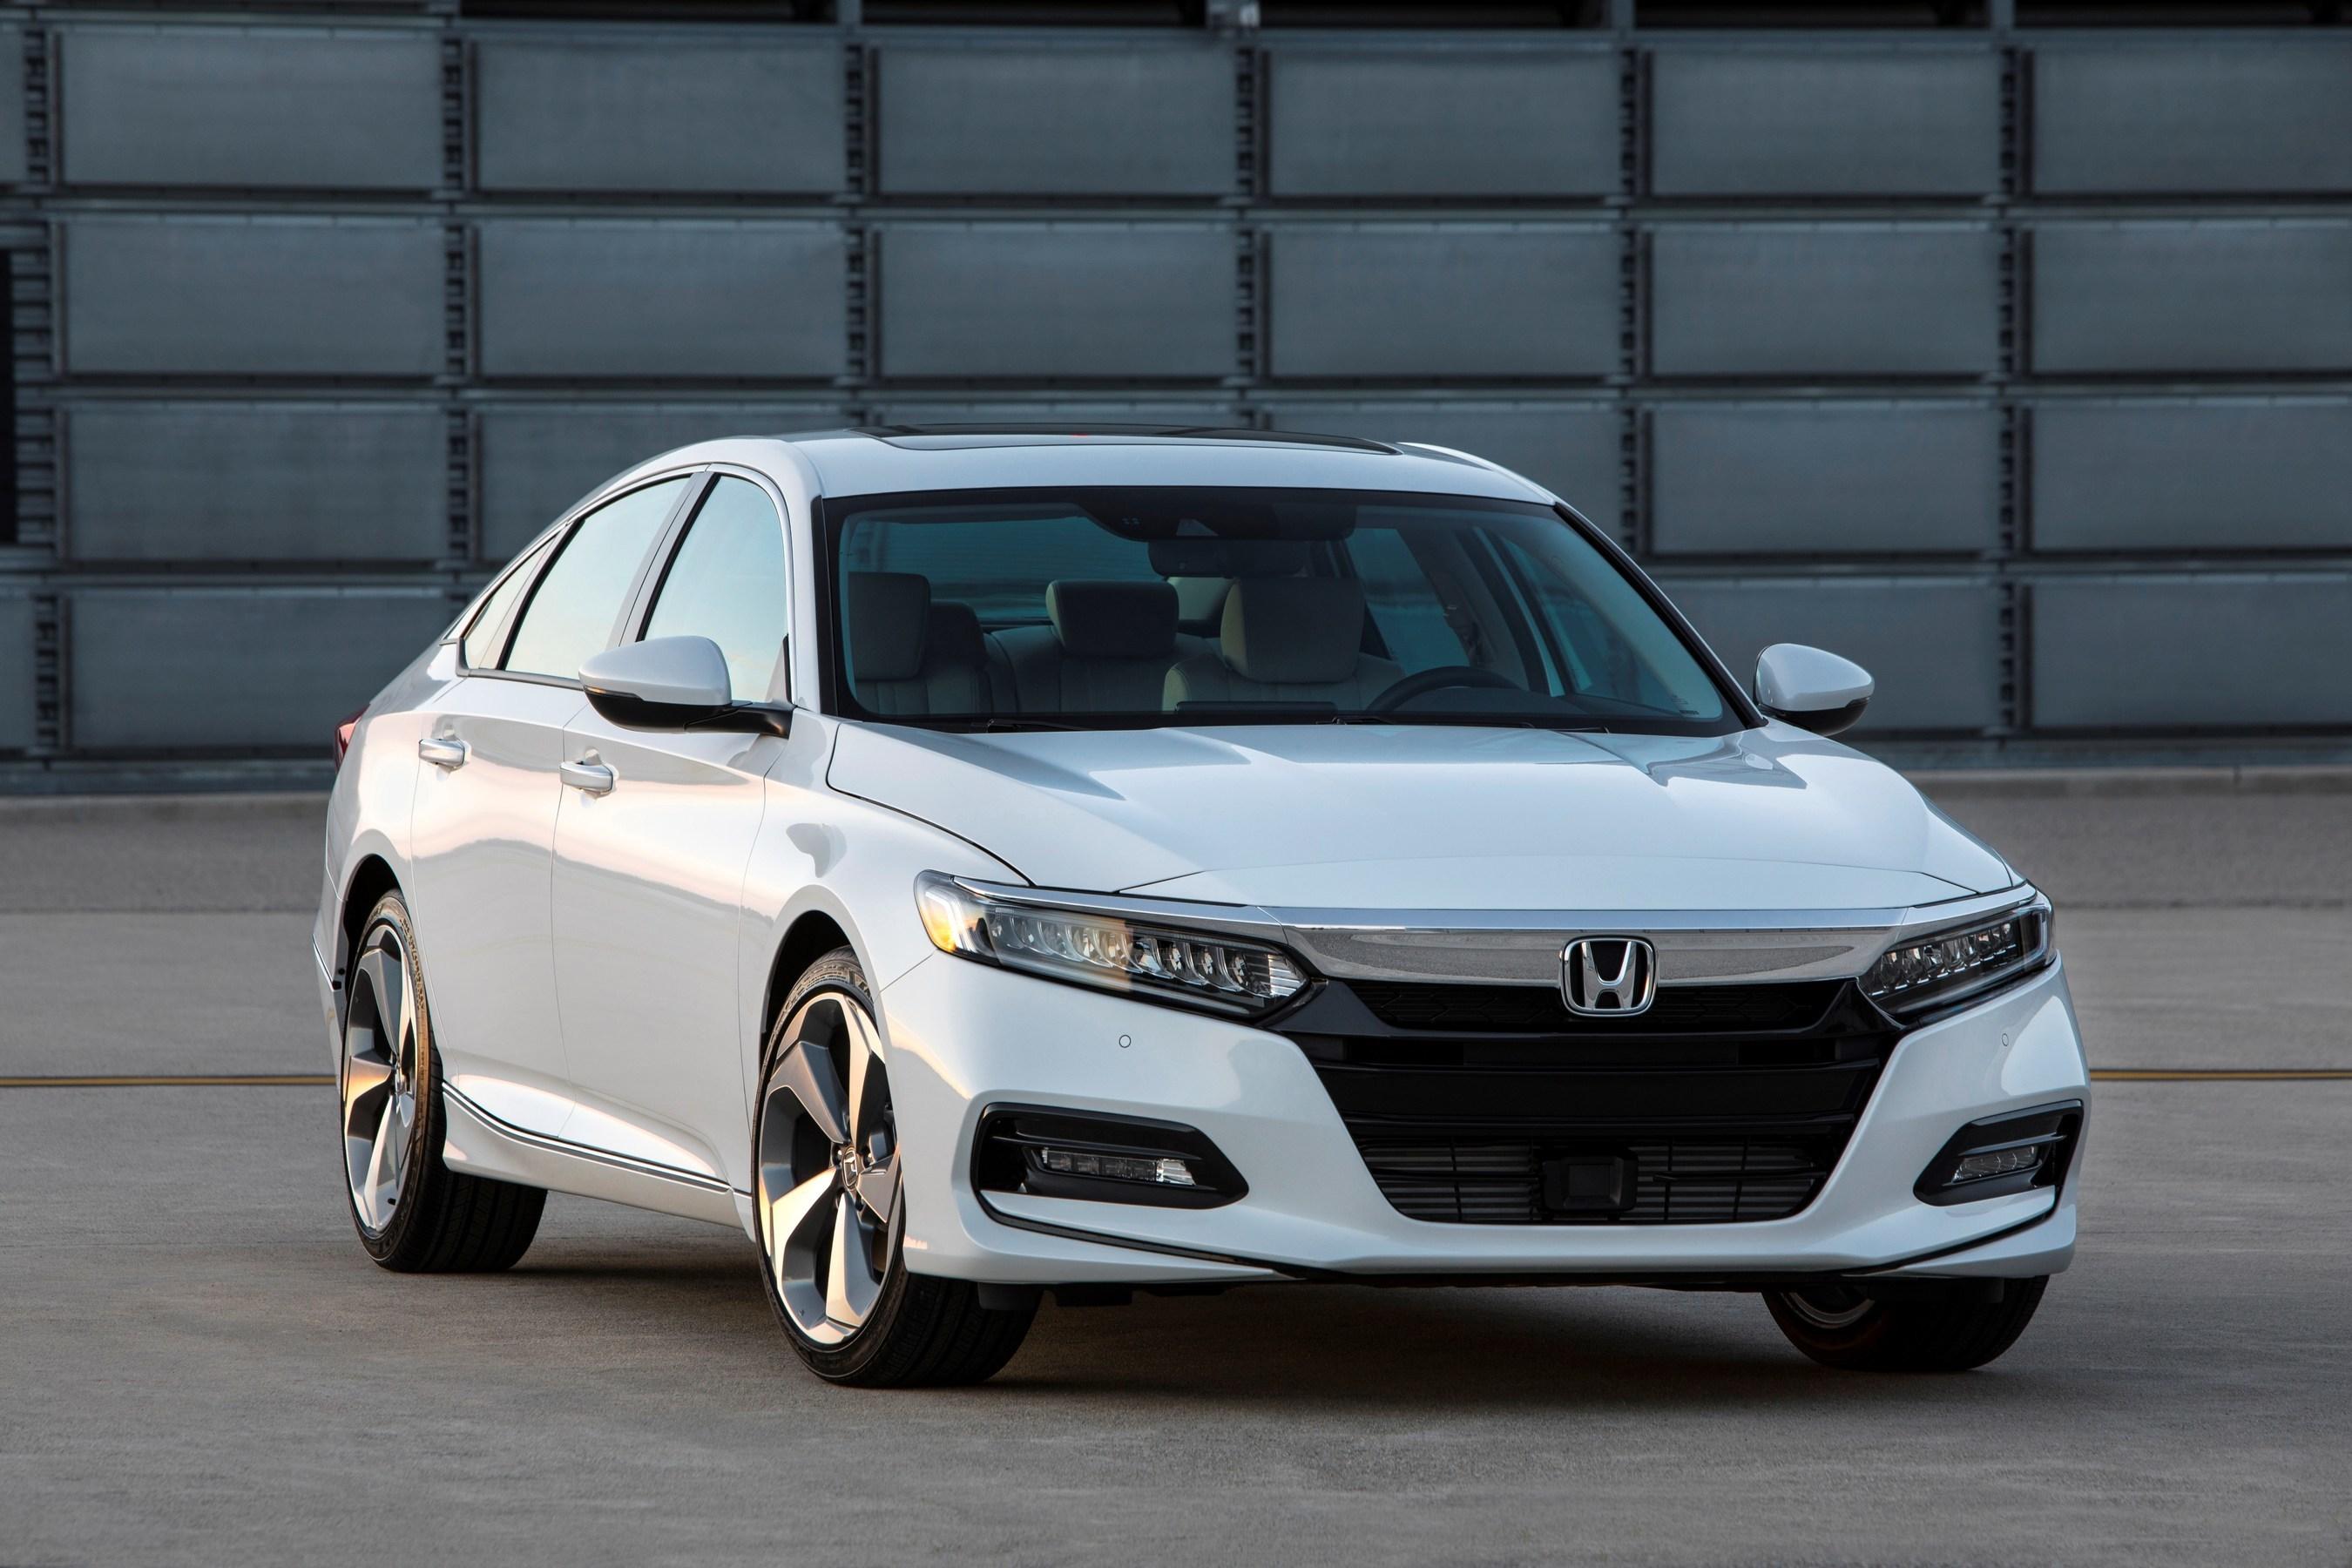 Kekurangan Accord Honda Spesifikasi